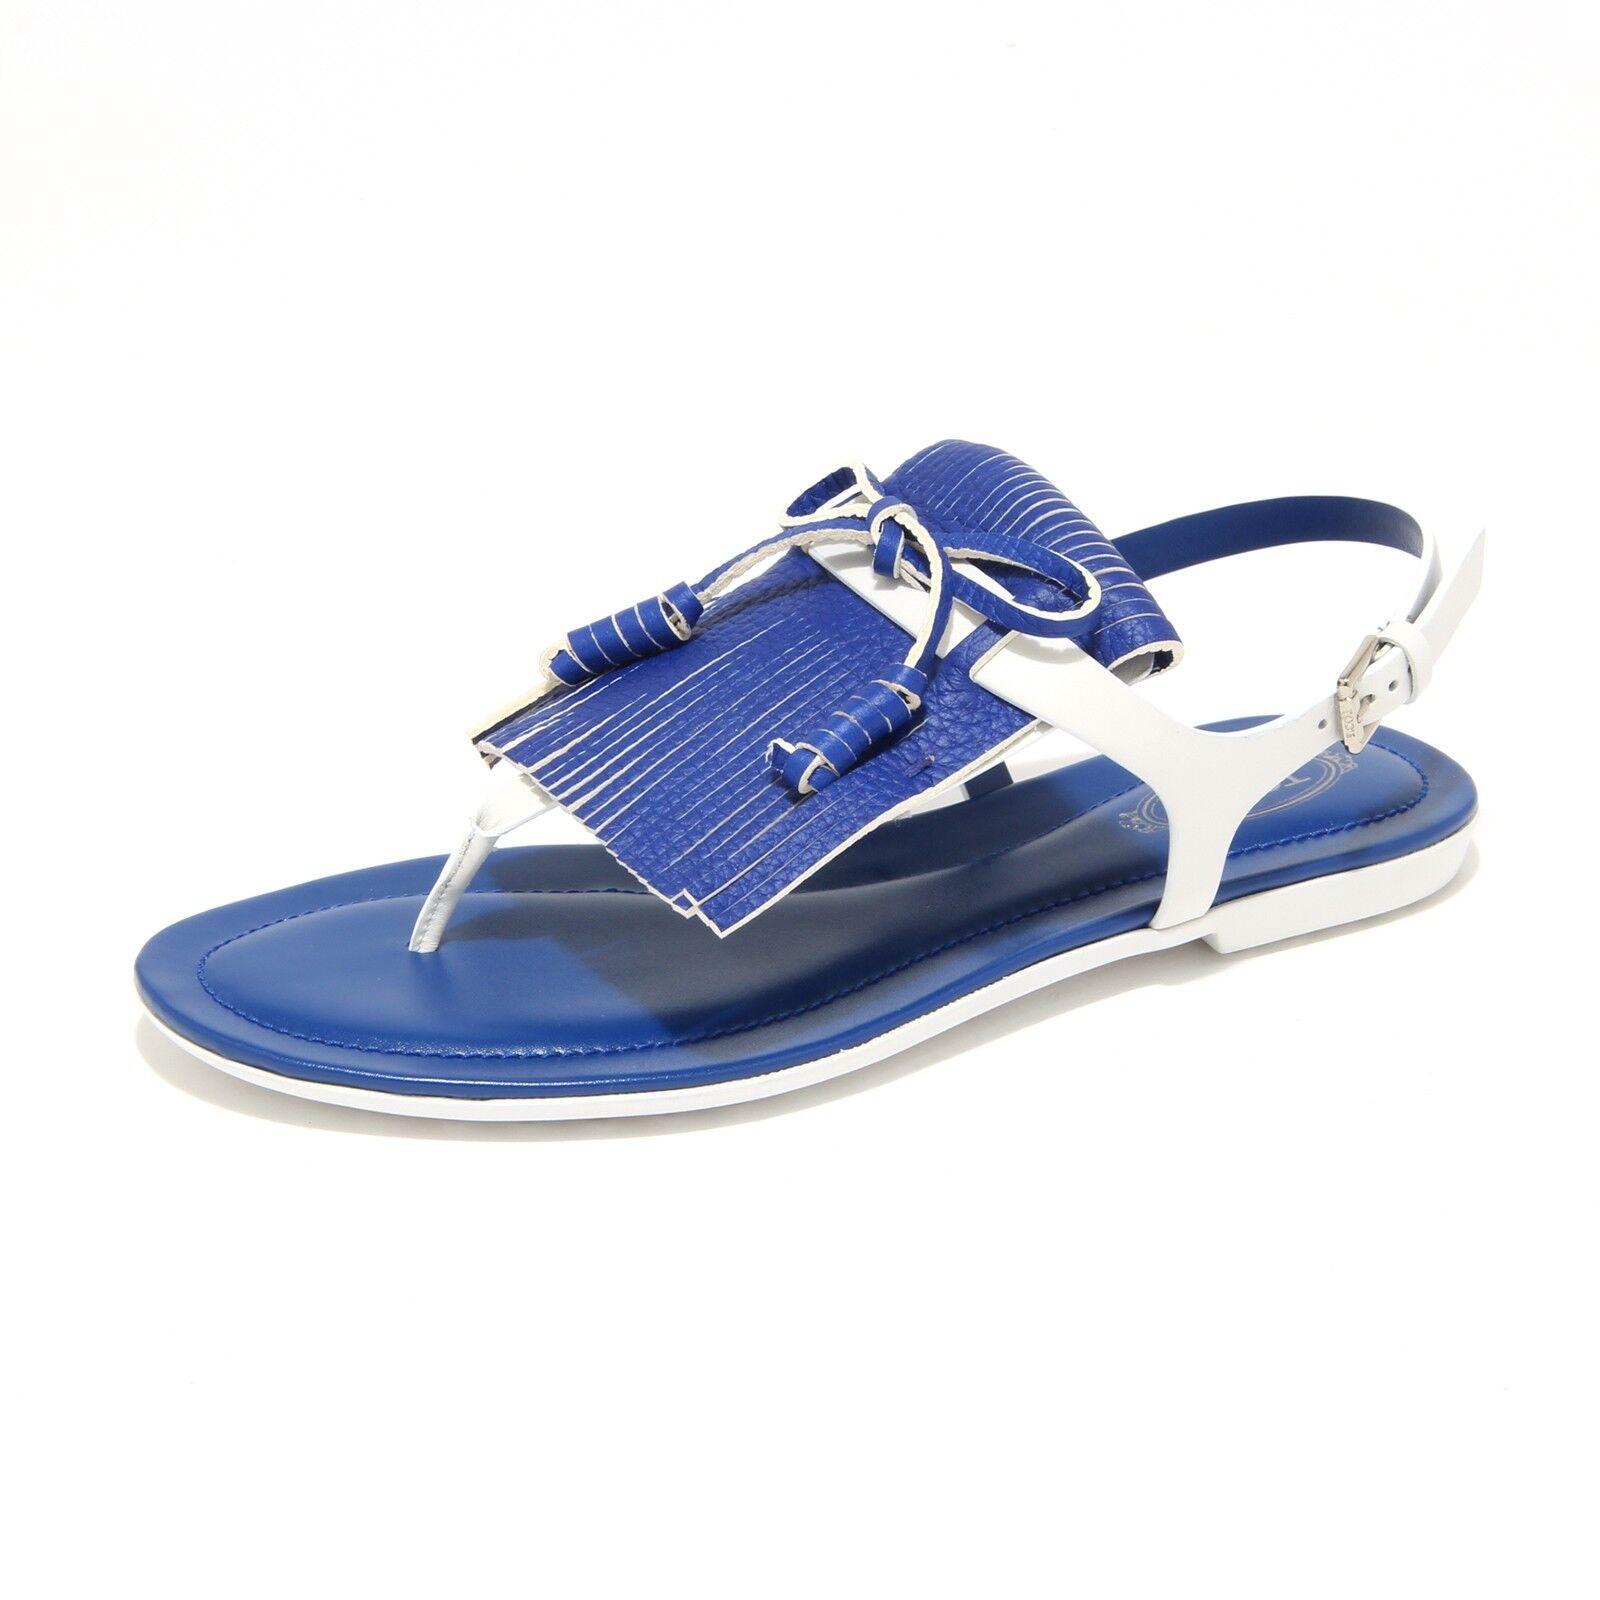 7889L Sandali Infradito Tod'S zapatos ZAPATOS SANDALIAS voltea-Flops voltea-Flops voltea-Flops Mujer  la mejor oferta de tienda online